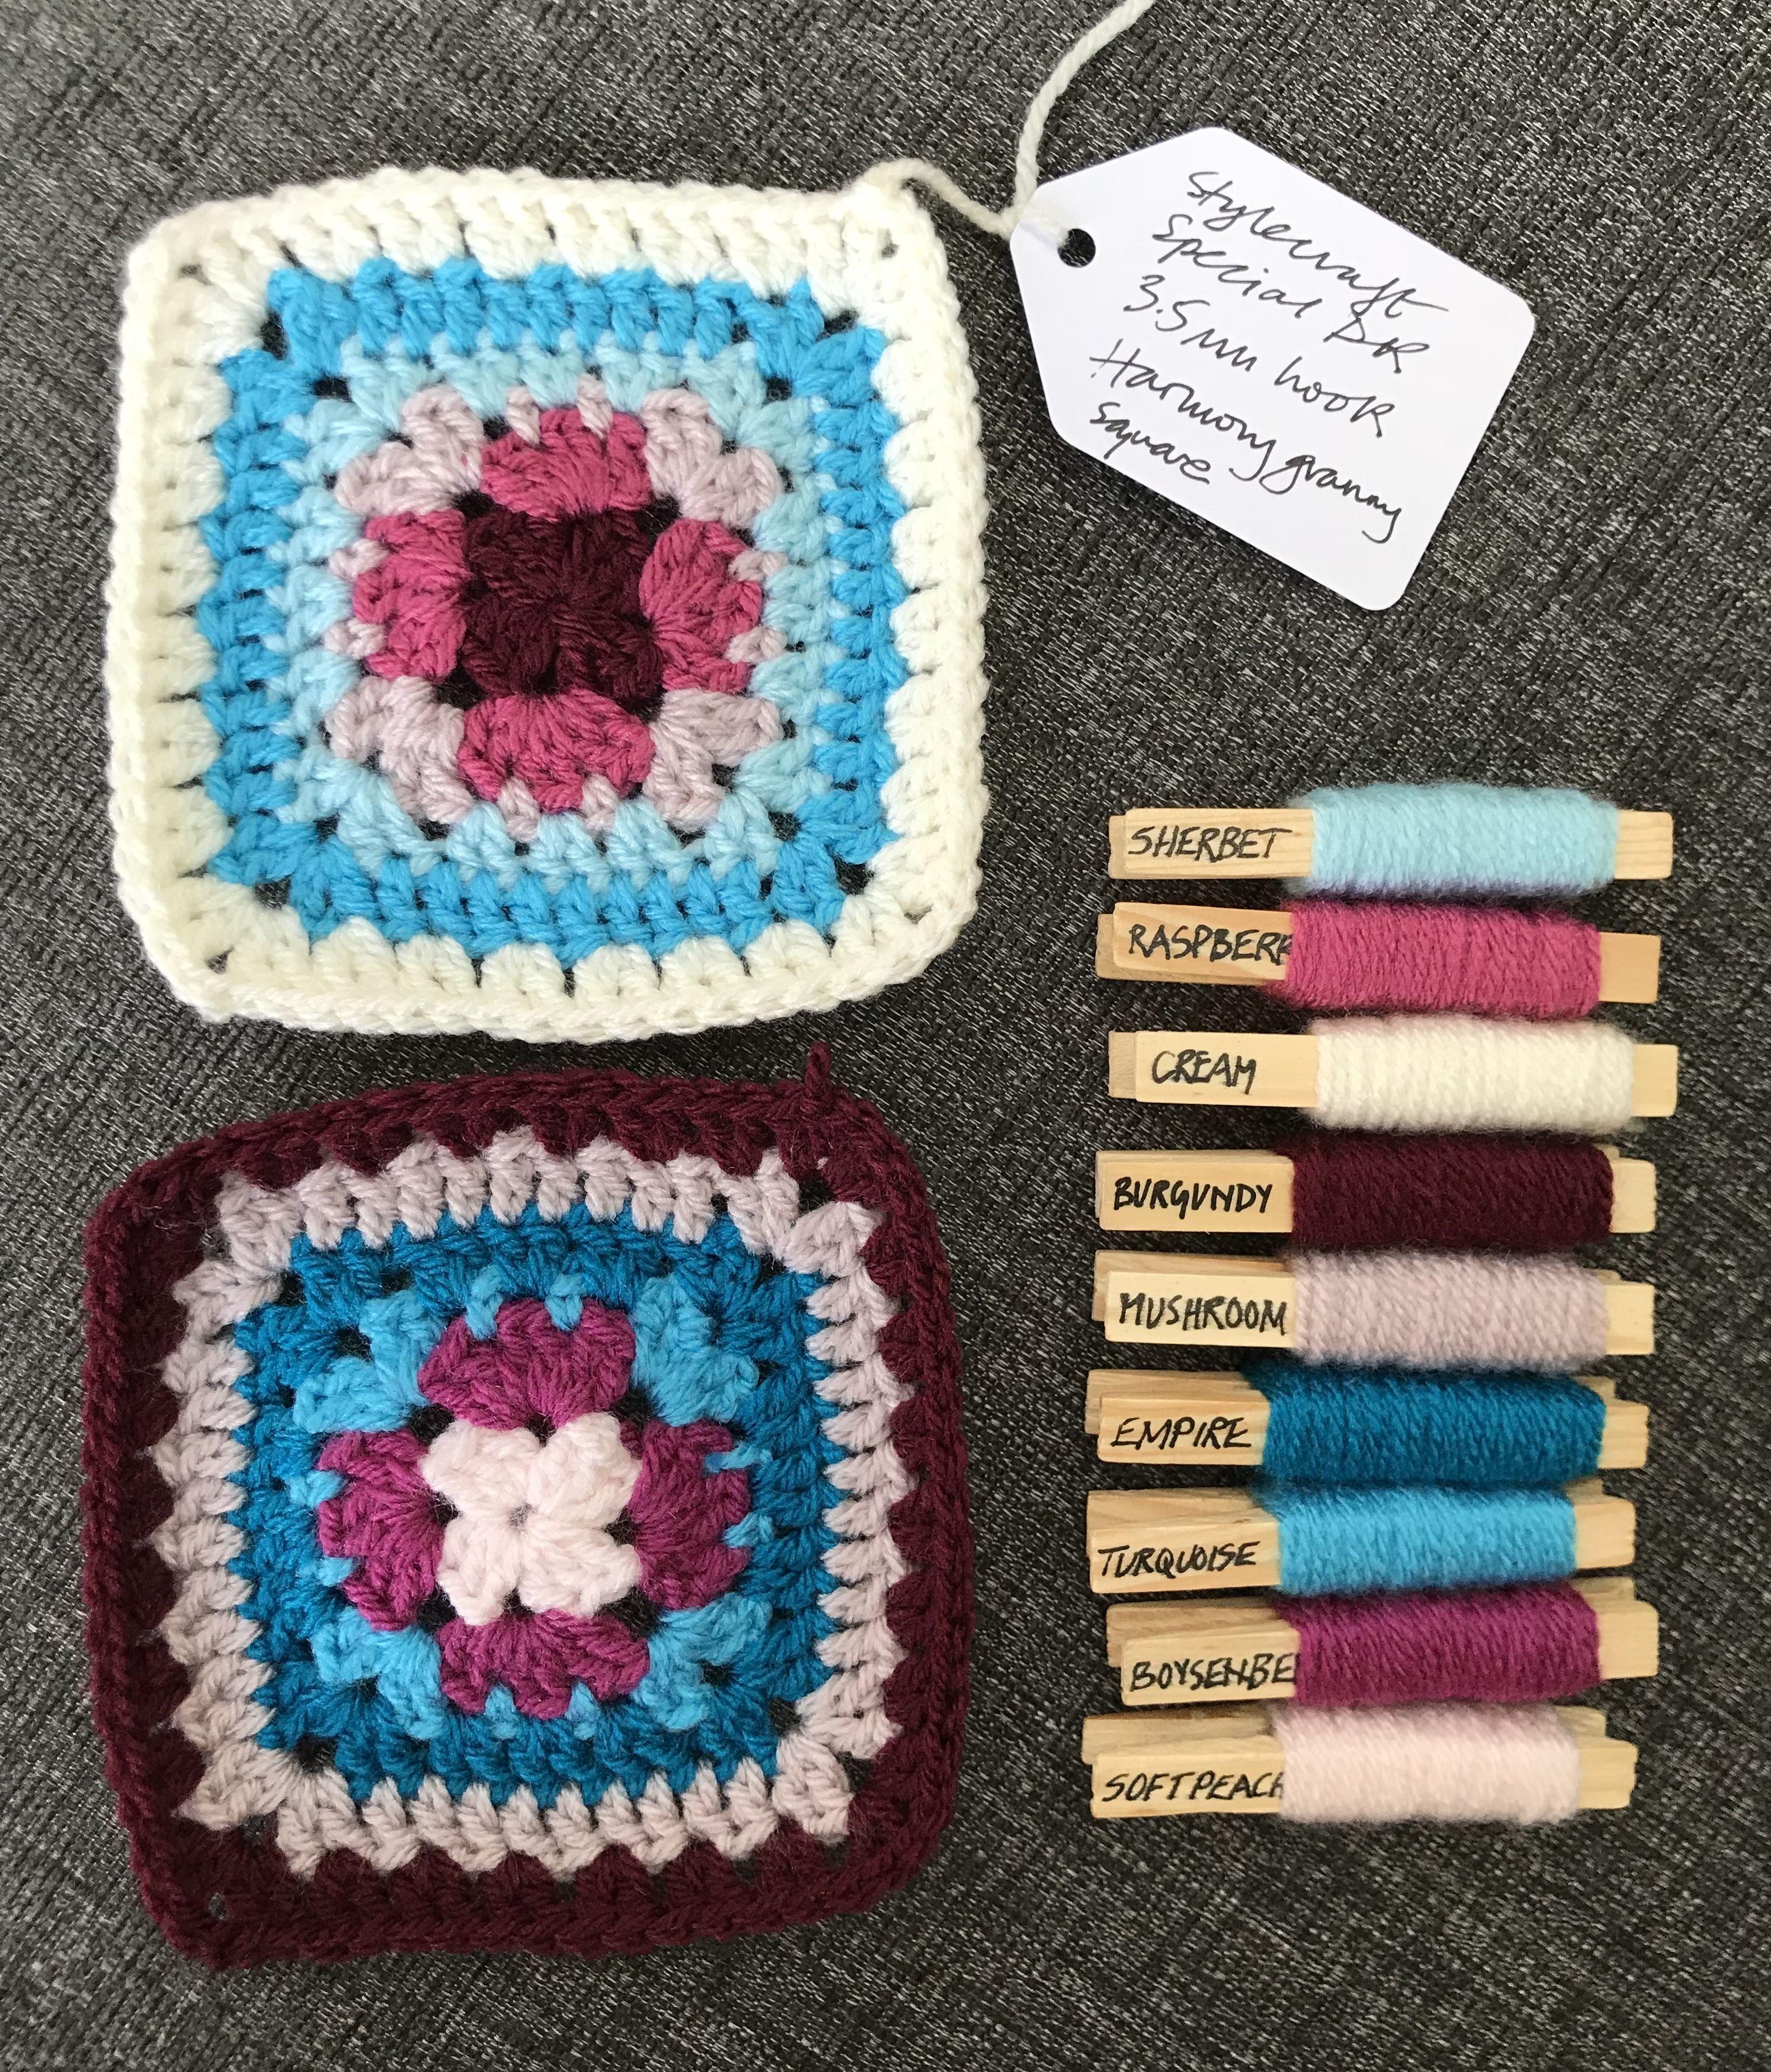 Crochet Samples For Jane S Present Crochet Inspiration Crochet